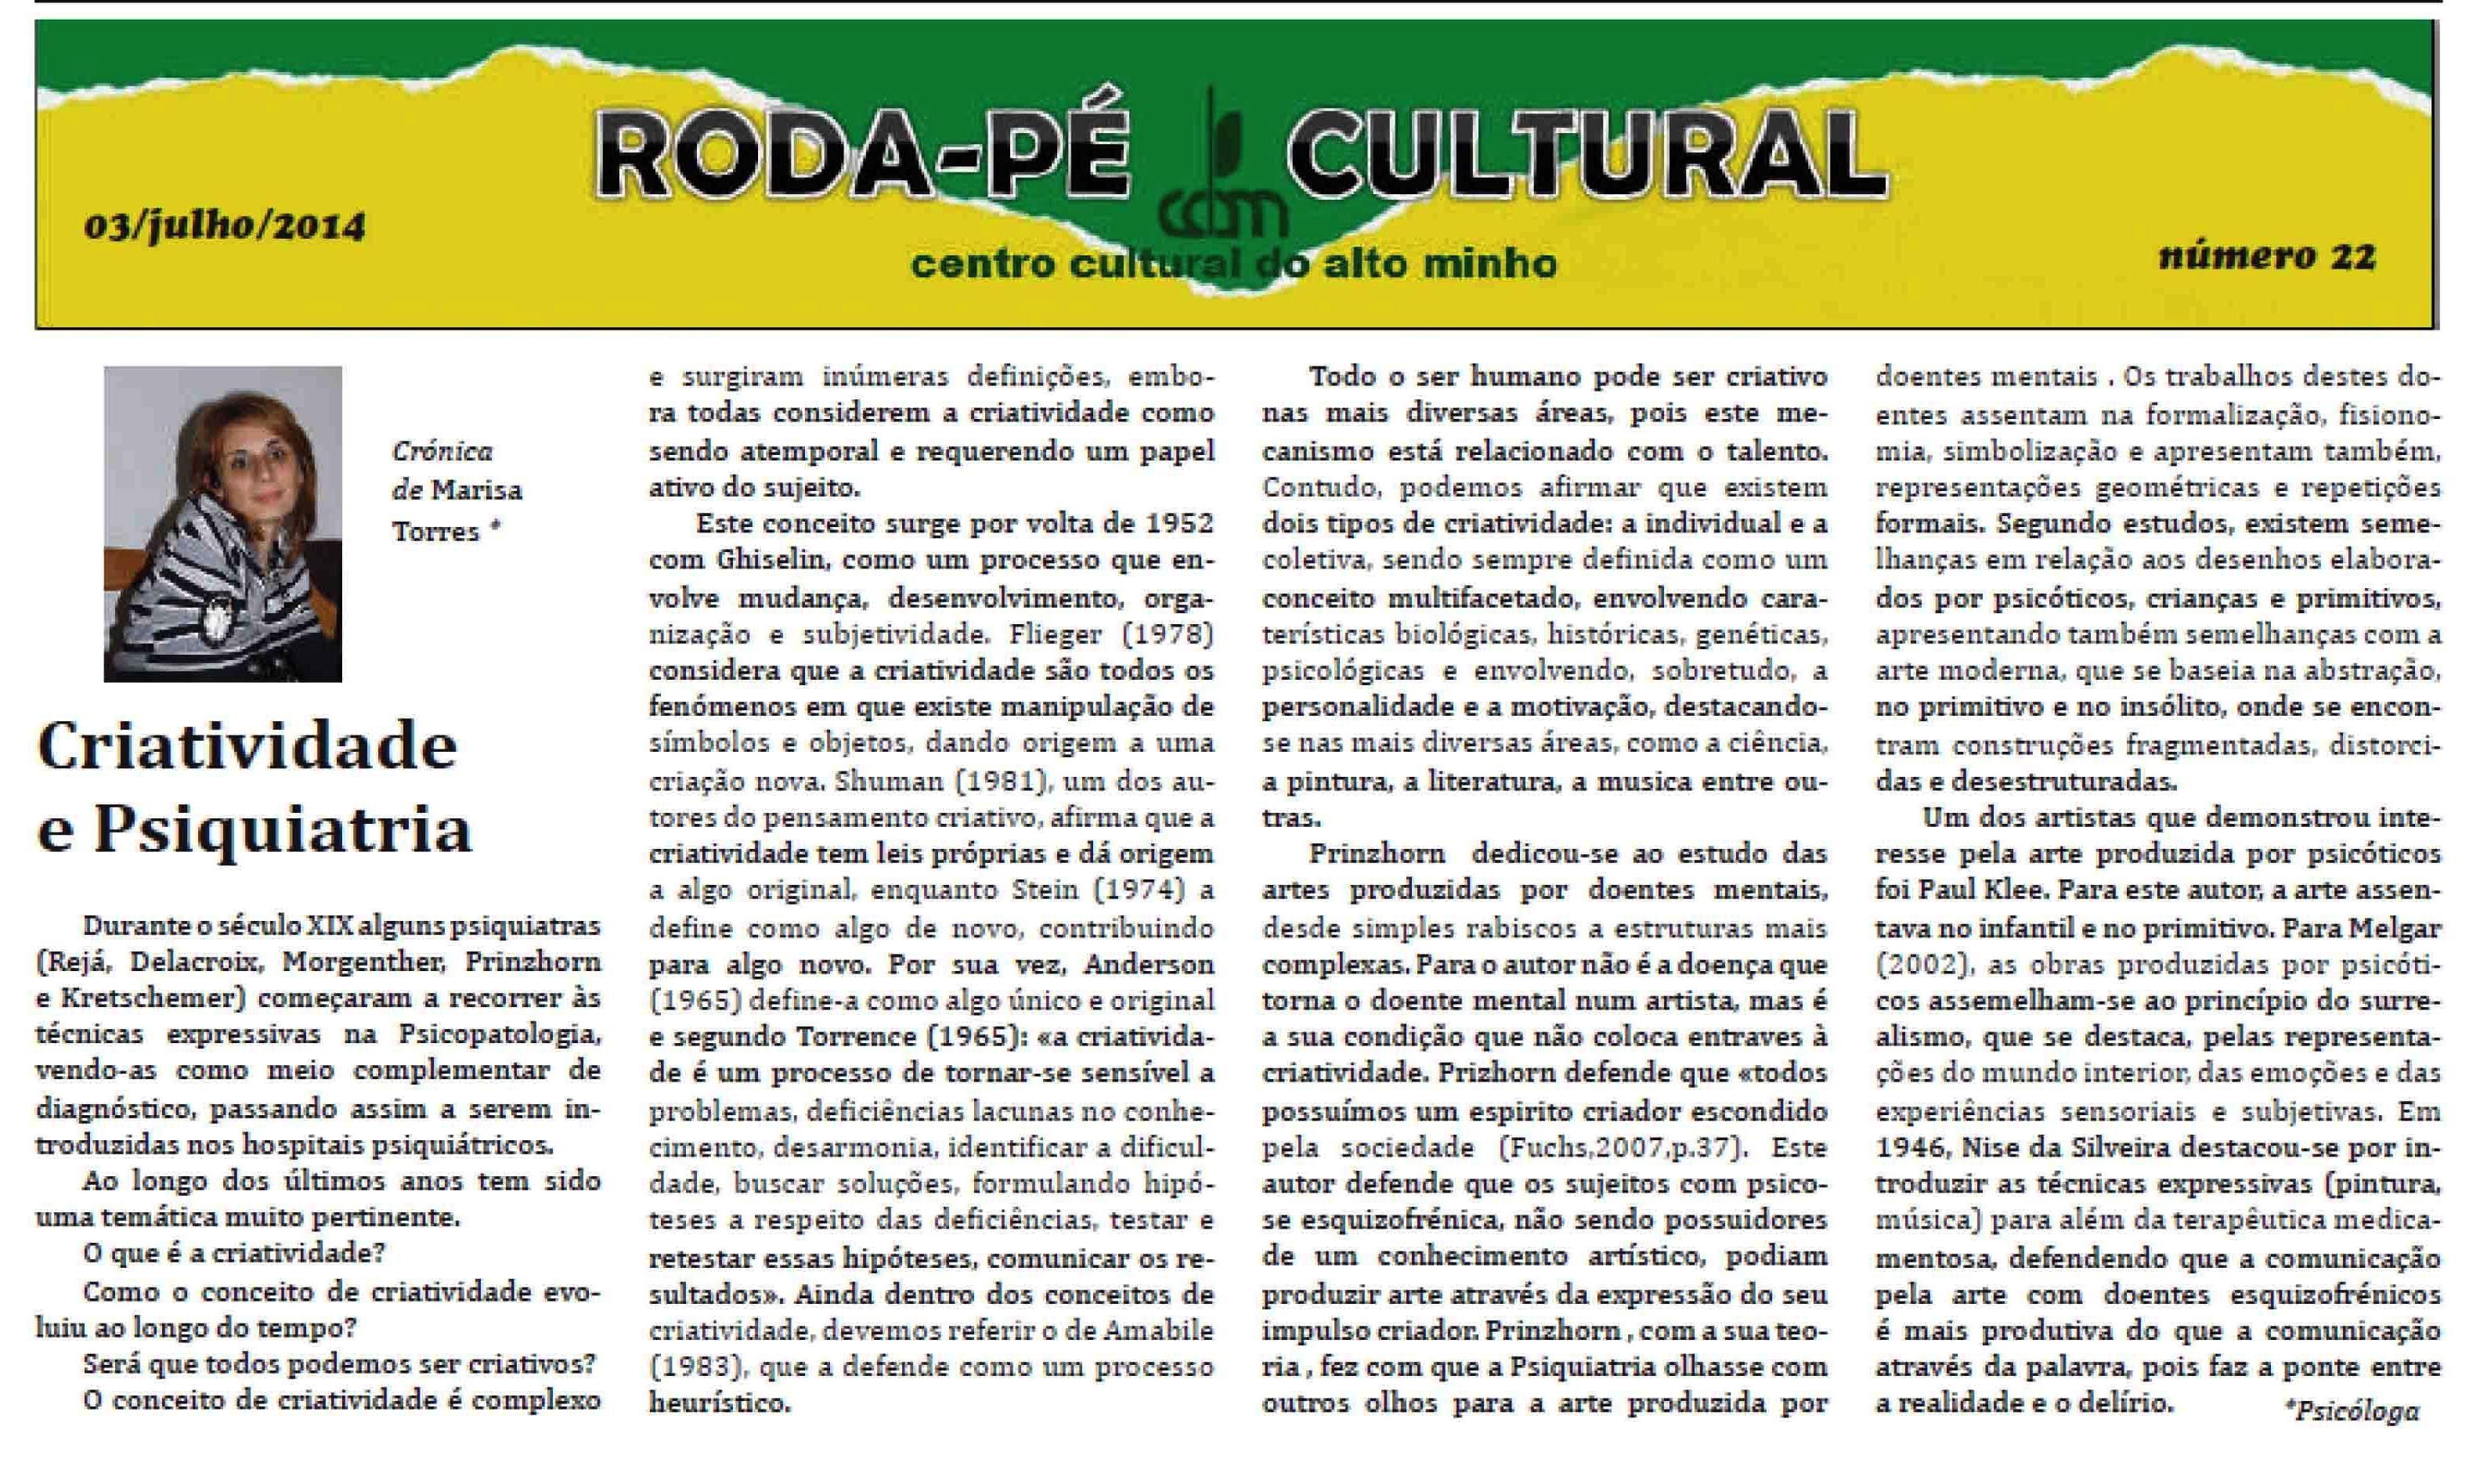 https://sites.google.com/a/centroculturaldoaltominho.org/ccam/actividades-realizadas/2014/RP_22.jpg